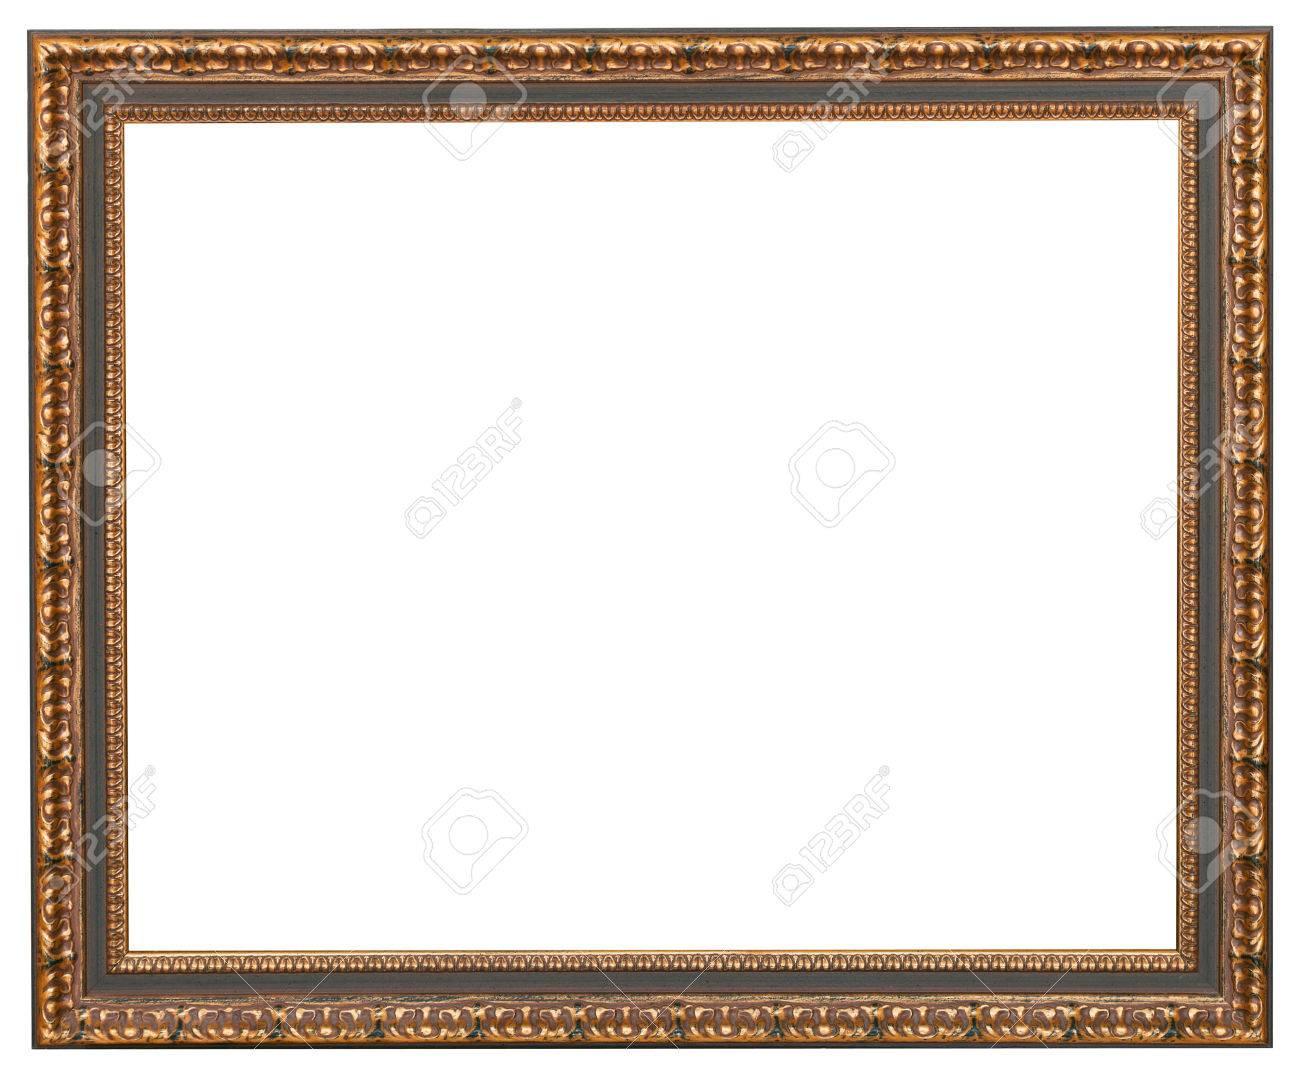 Klassischen Stil Aus Holz Bilderrahmen Mit Leinwand Ausgeschnitten ...